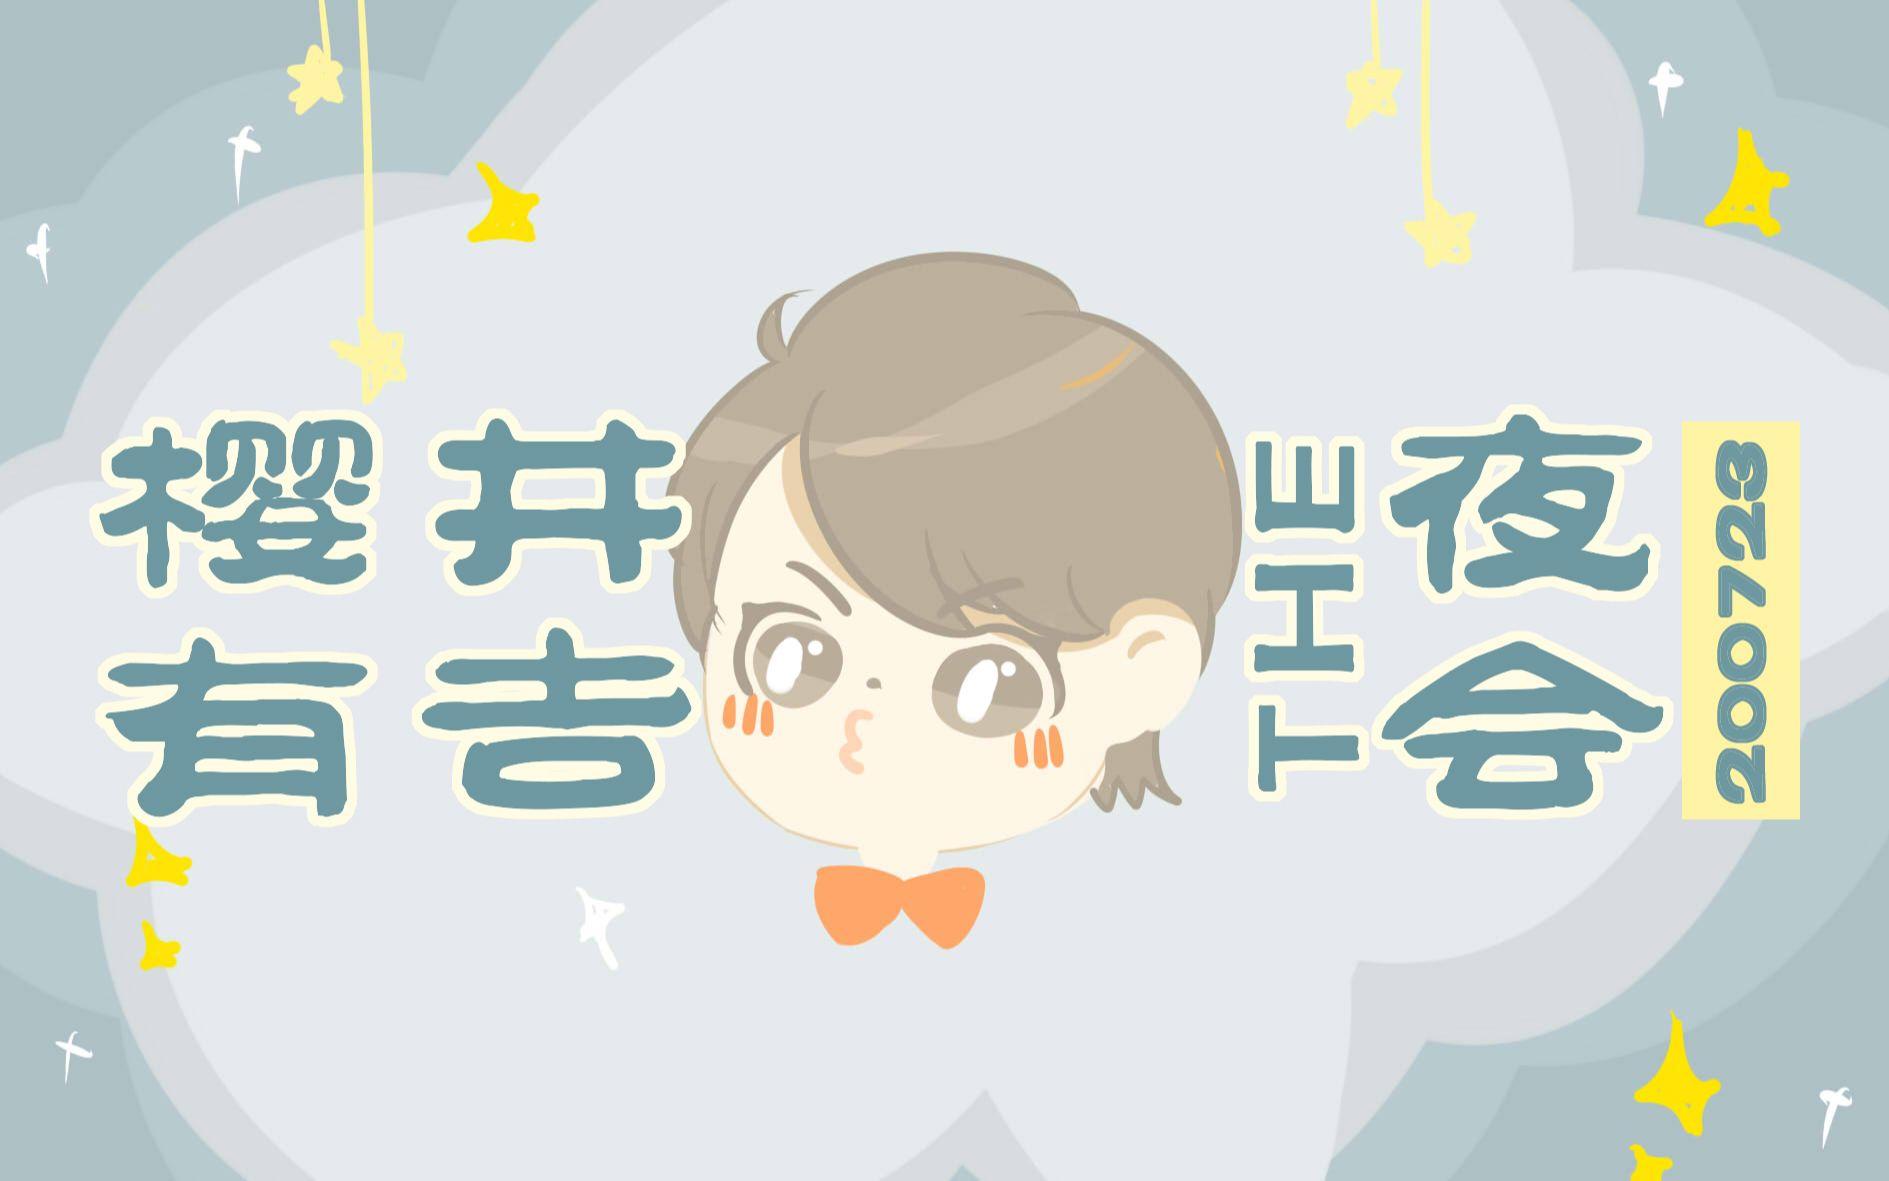 【周四晚与小樱约会】200723【中字】 200723 字幕版